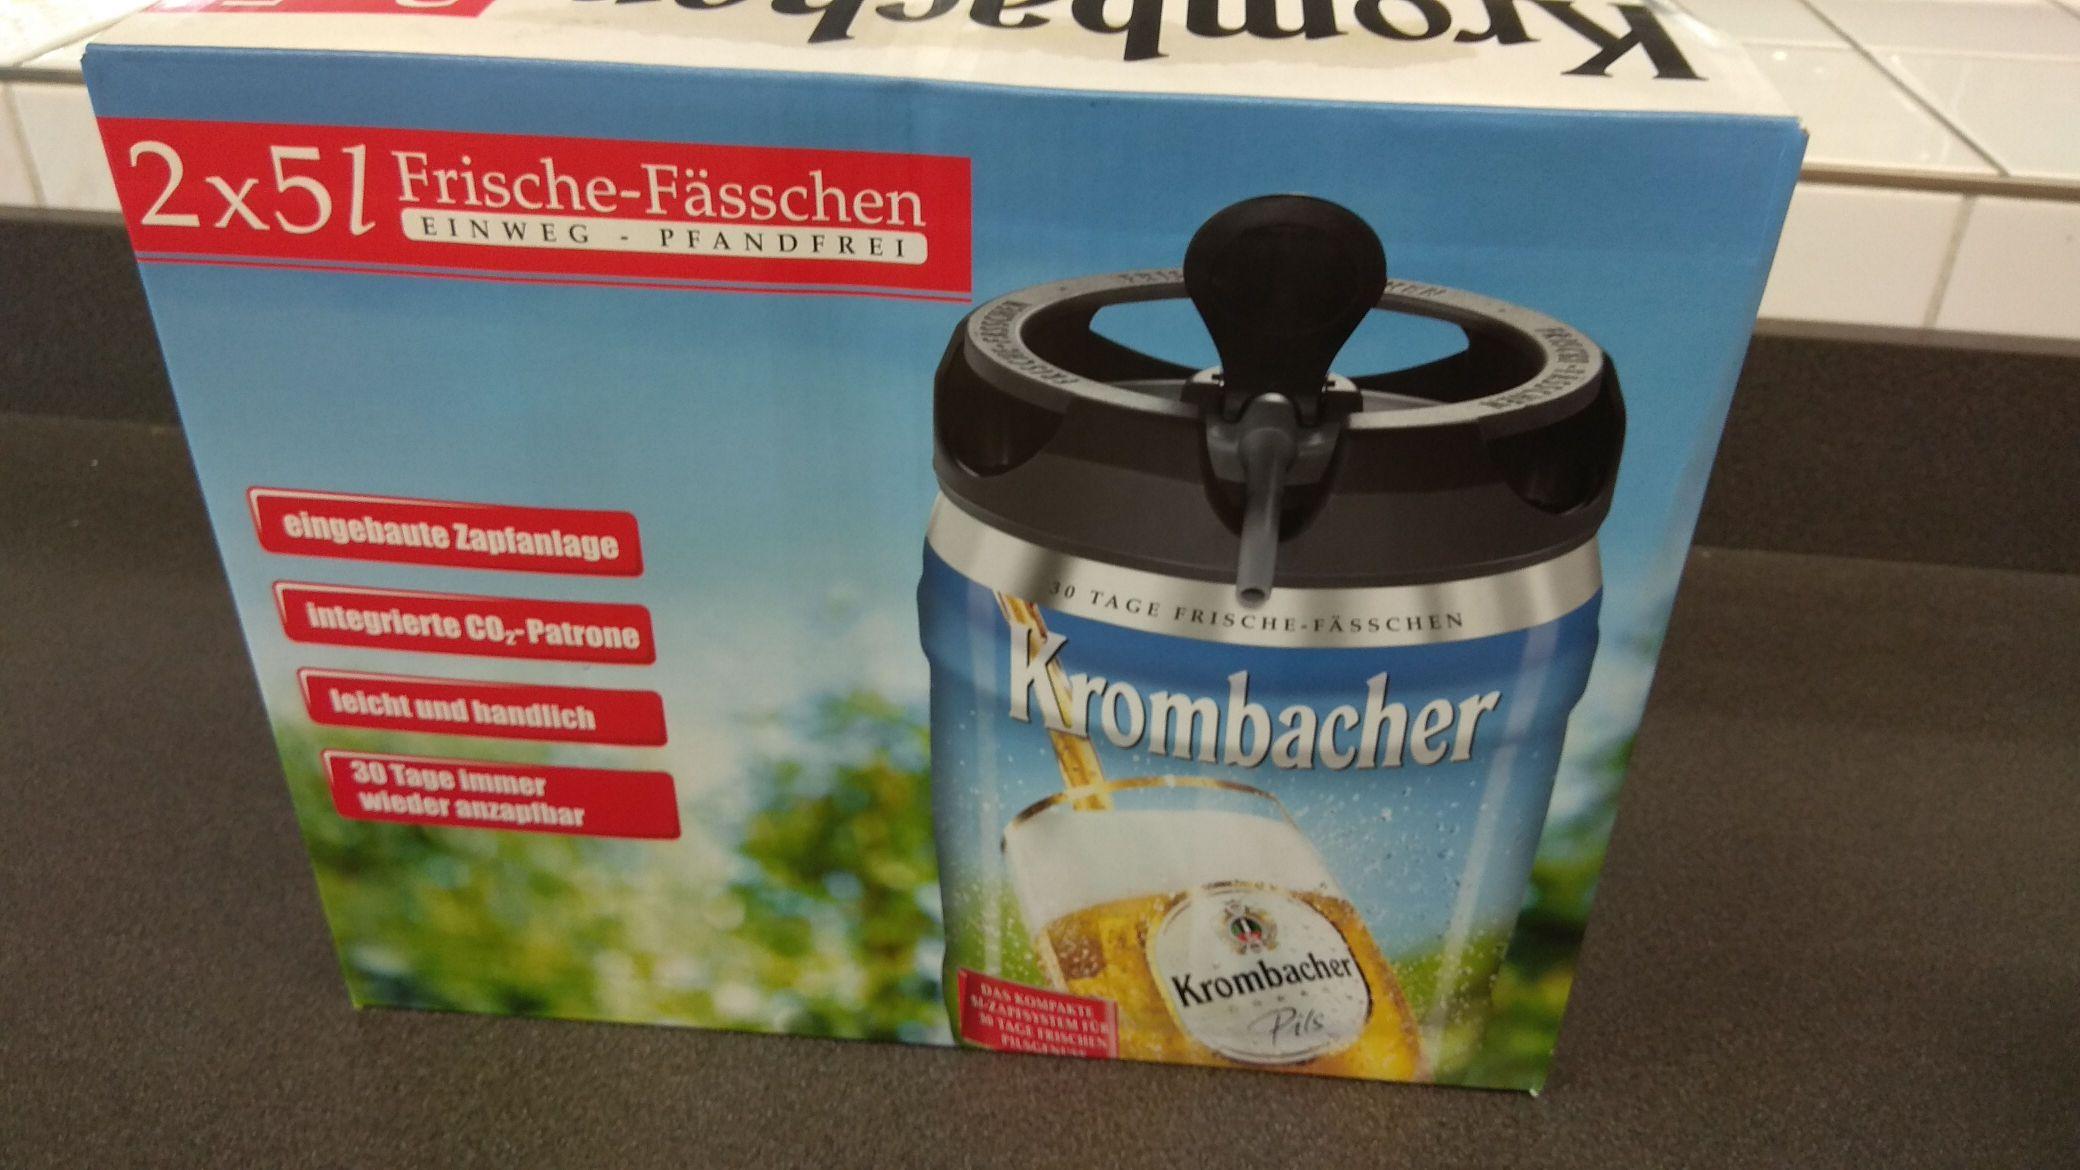 Krombacher Frische Fässchen 5€ Lokal Aldi Hamburg Rahlstedt